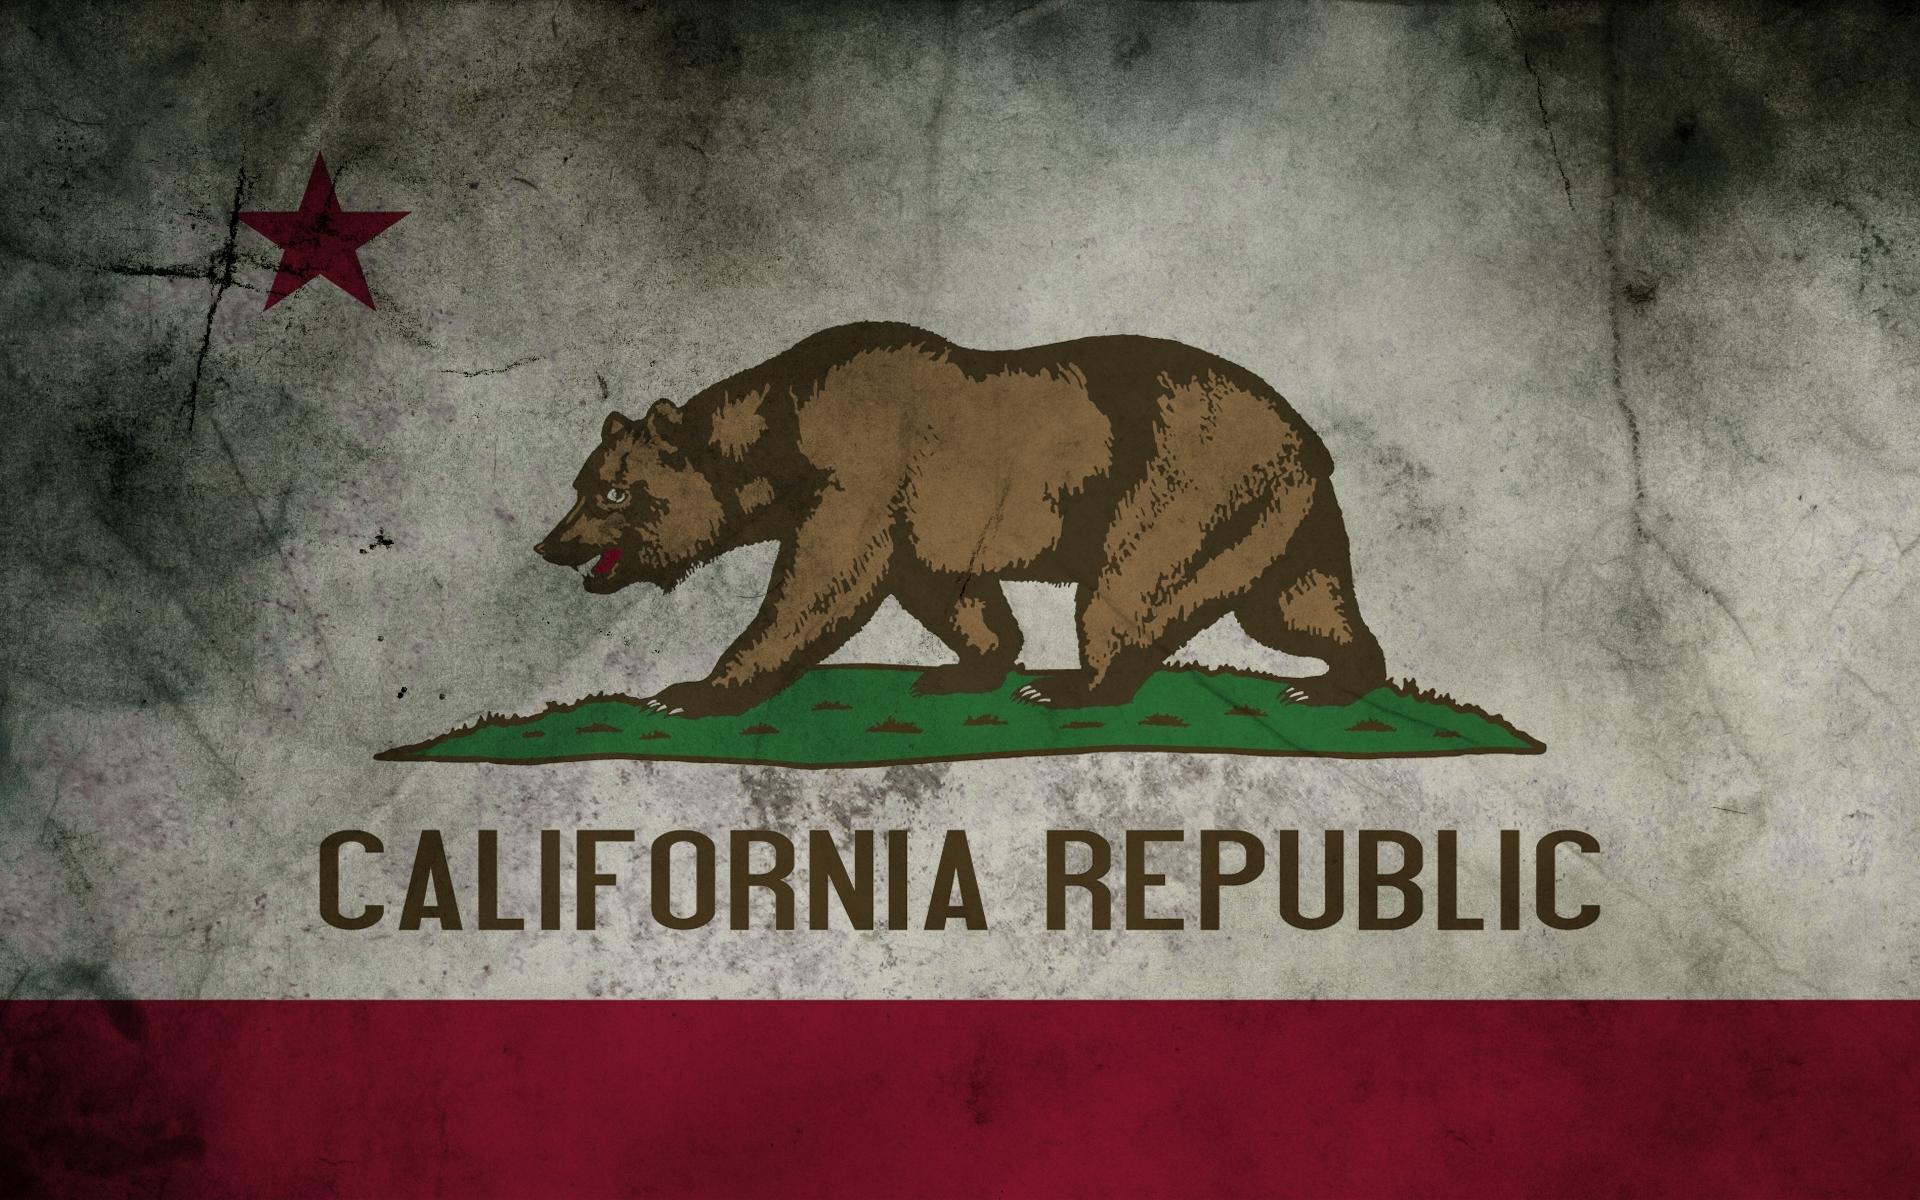 california 1920x1200 wallpaper Art HD WallpaperHi Res Art Wallpaper 1920x1200